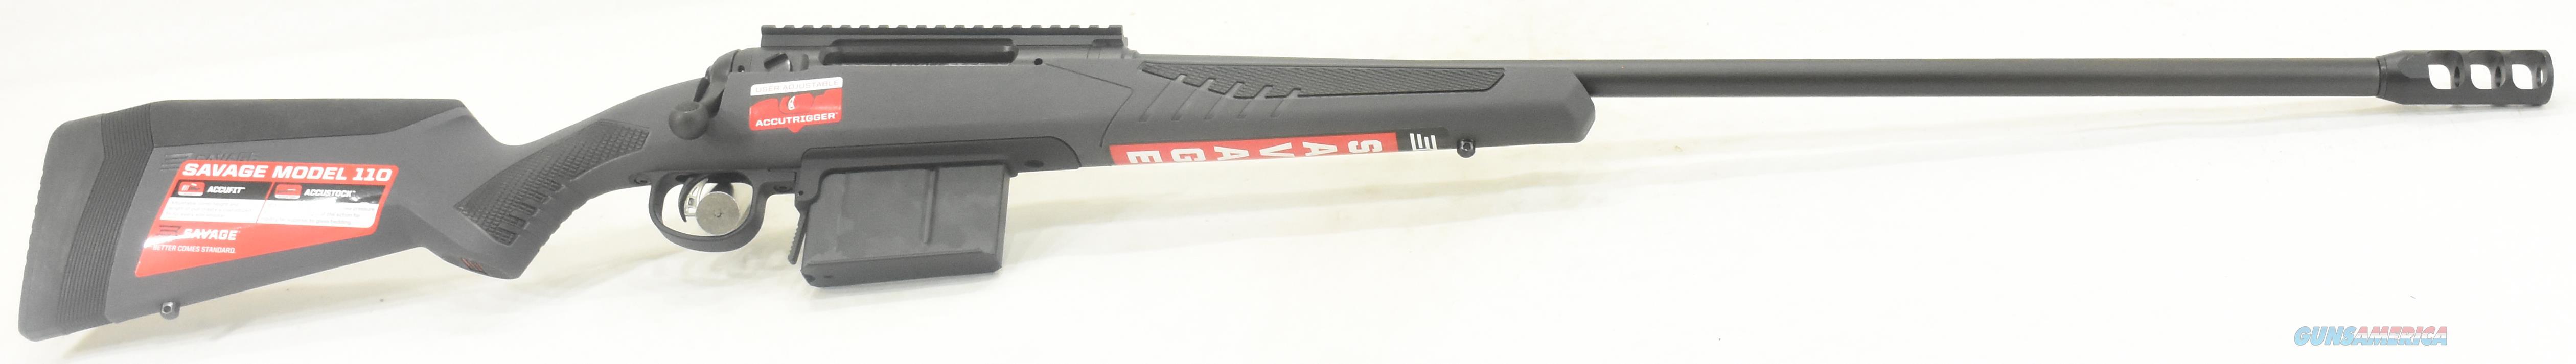 110 Long Range Hunter 338Lapua 26In  57037  Guns > Rifles > Savage Rifles > 10/110